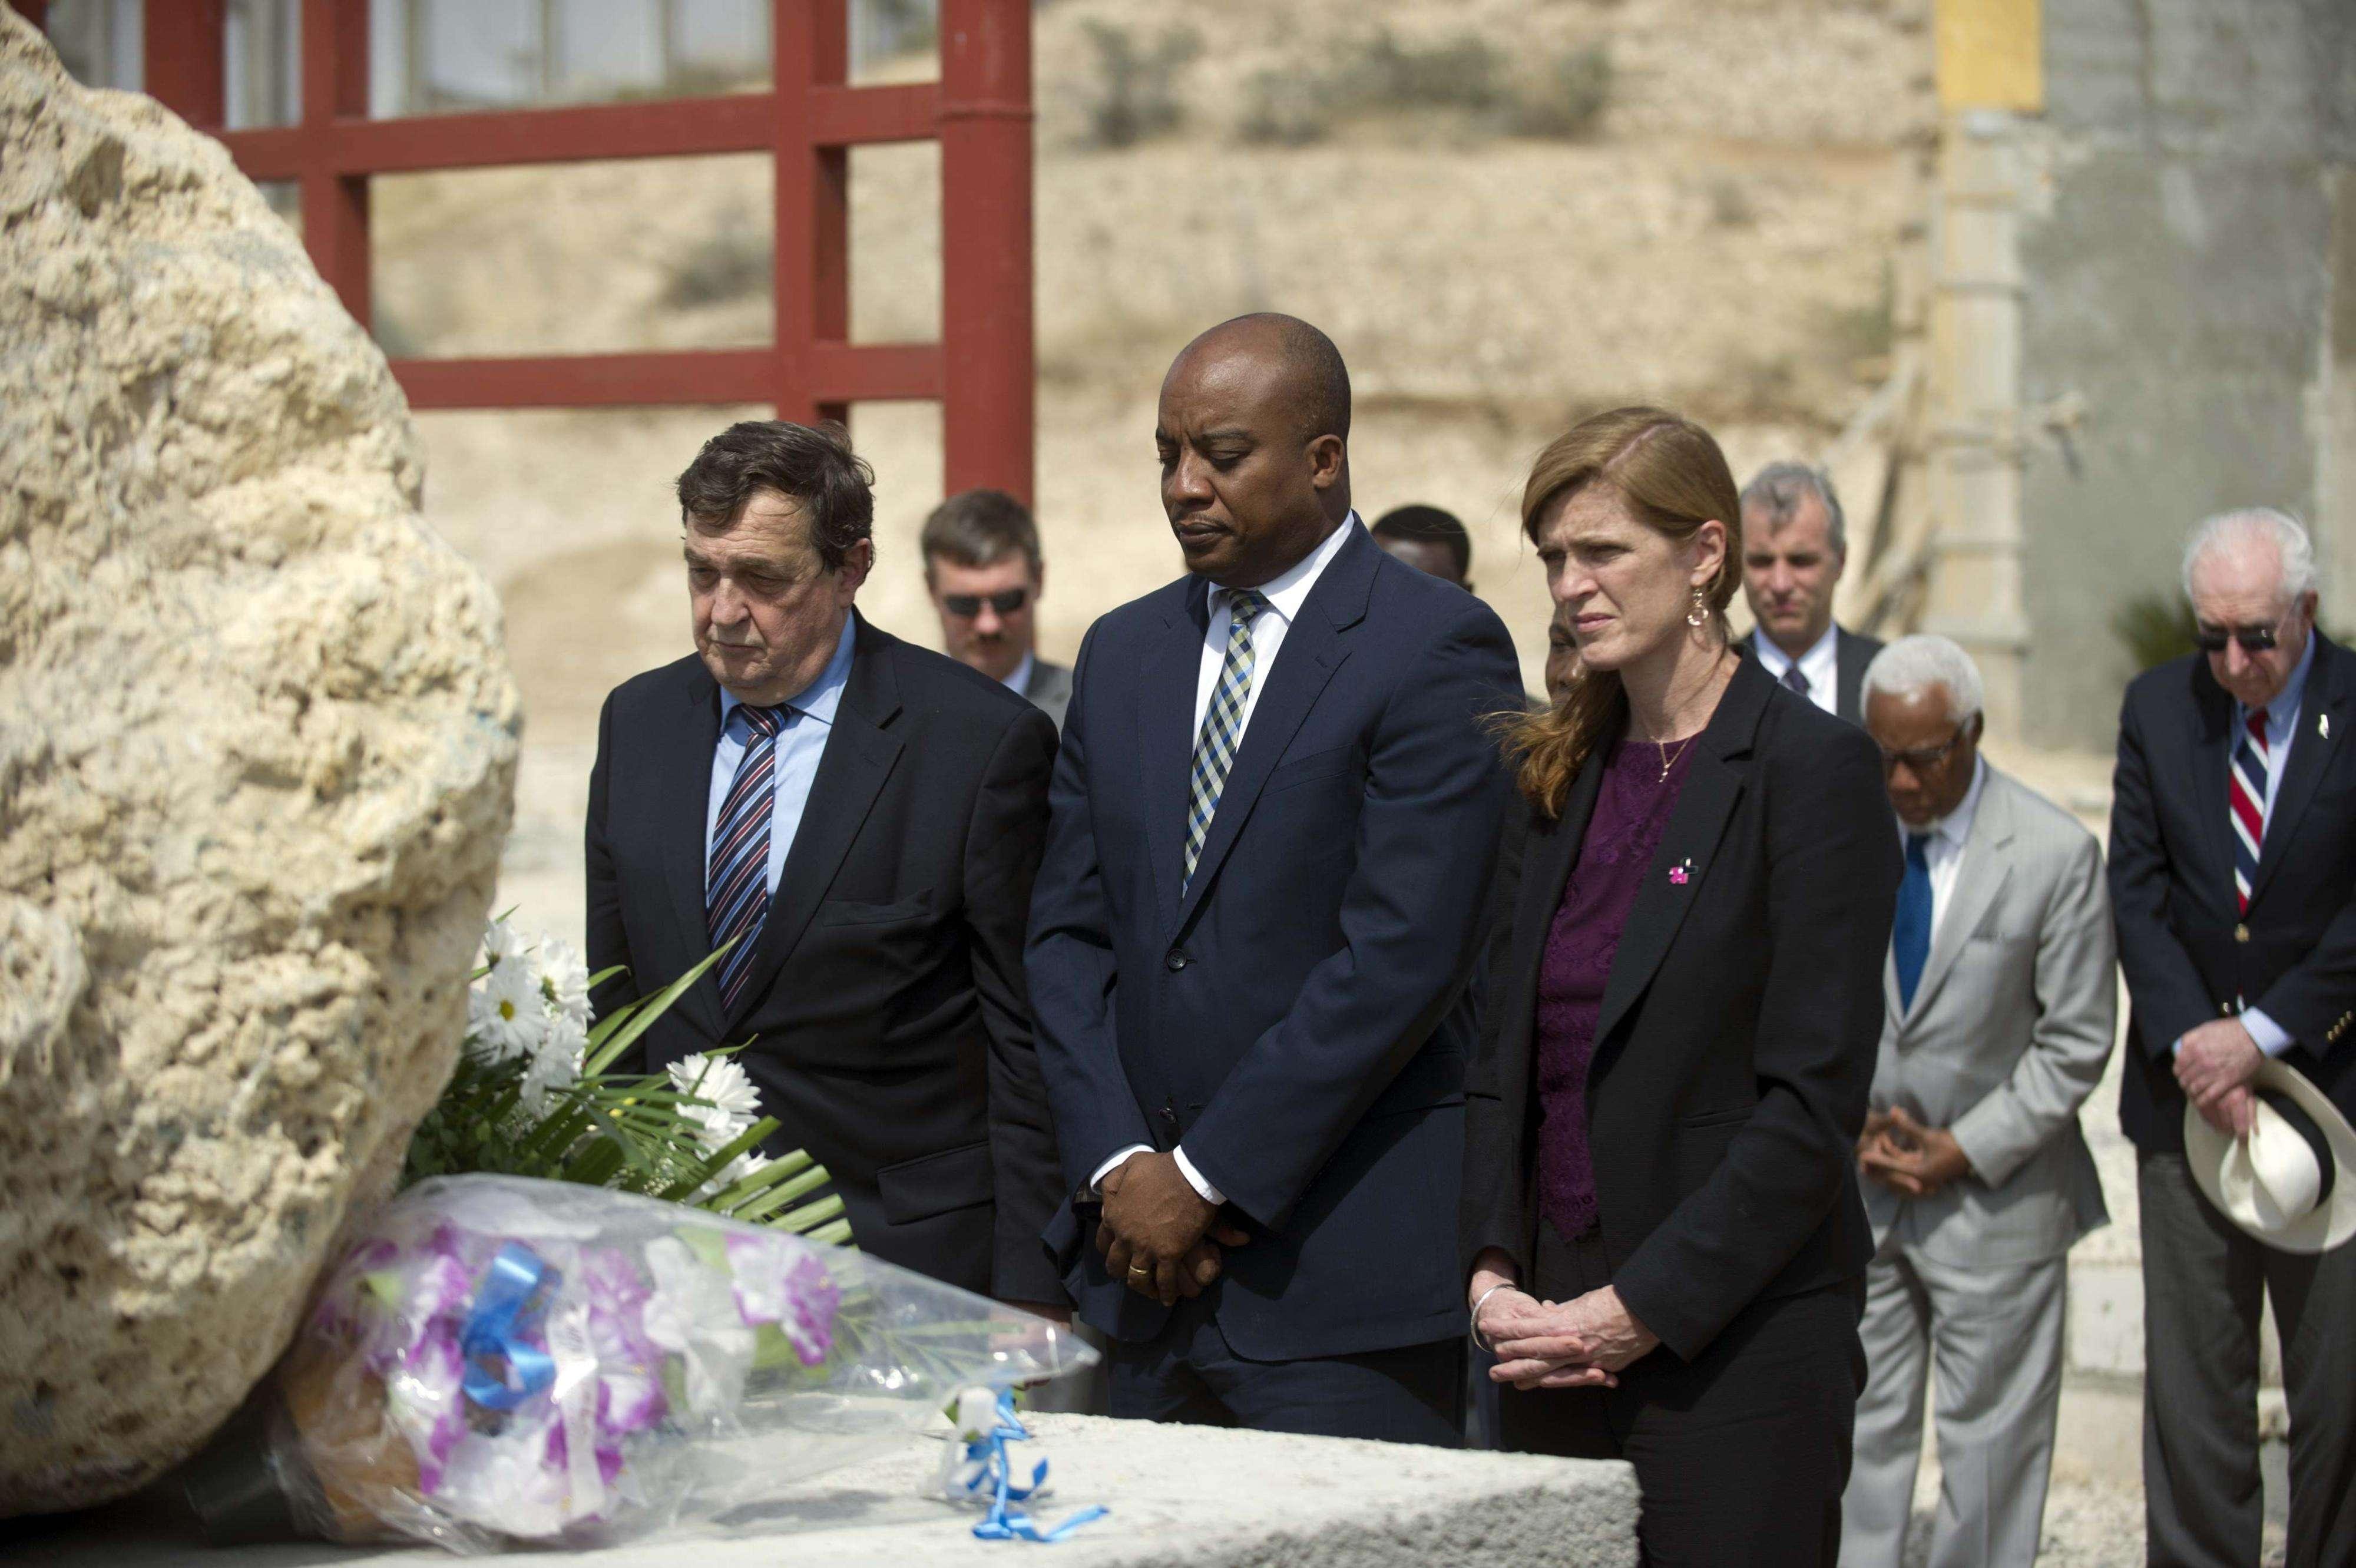 El presidente del Consejo de Seguridad de las Naciones Unidas Cristian Barros (izquierda), el ministro de Justicia haitiano Pierre Richard Casimir (centro) y la embajadora estadounidense ante Naciones Unidas (derecha) colocan un arreglo floral en Titanyin, Haití, en honor de las víctimas del terremoto que afectó a Haití el 12 de enero de 2010. Foto: HECTOR RETAMAL/AFP